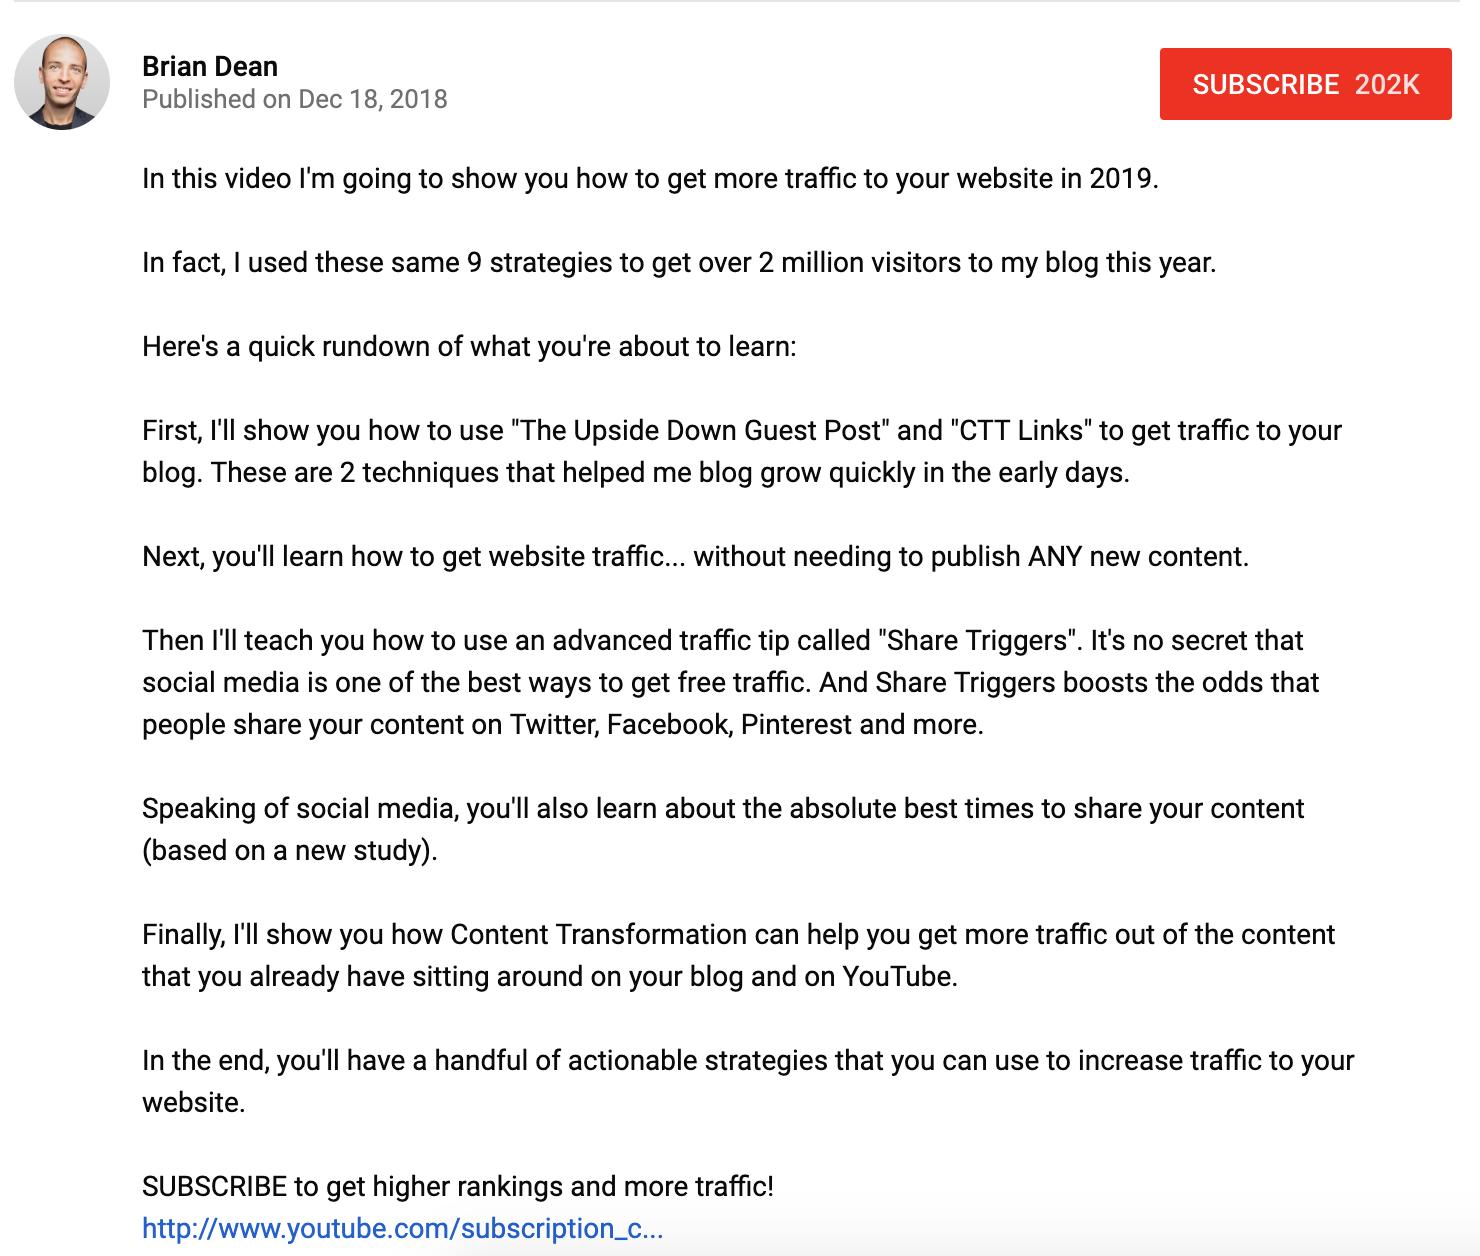 Descripción del video de YouTube de Brian Dean